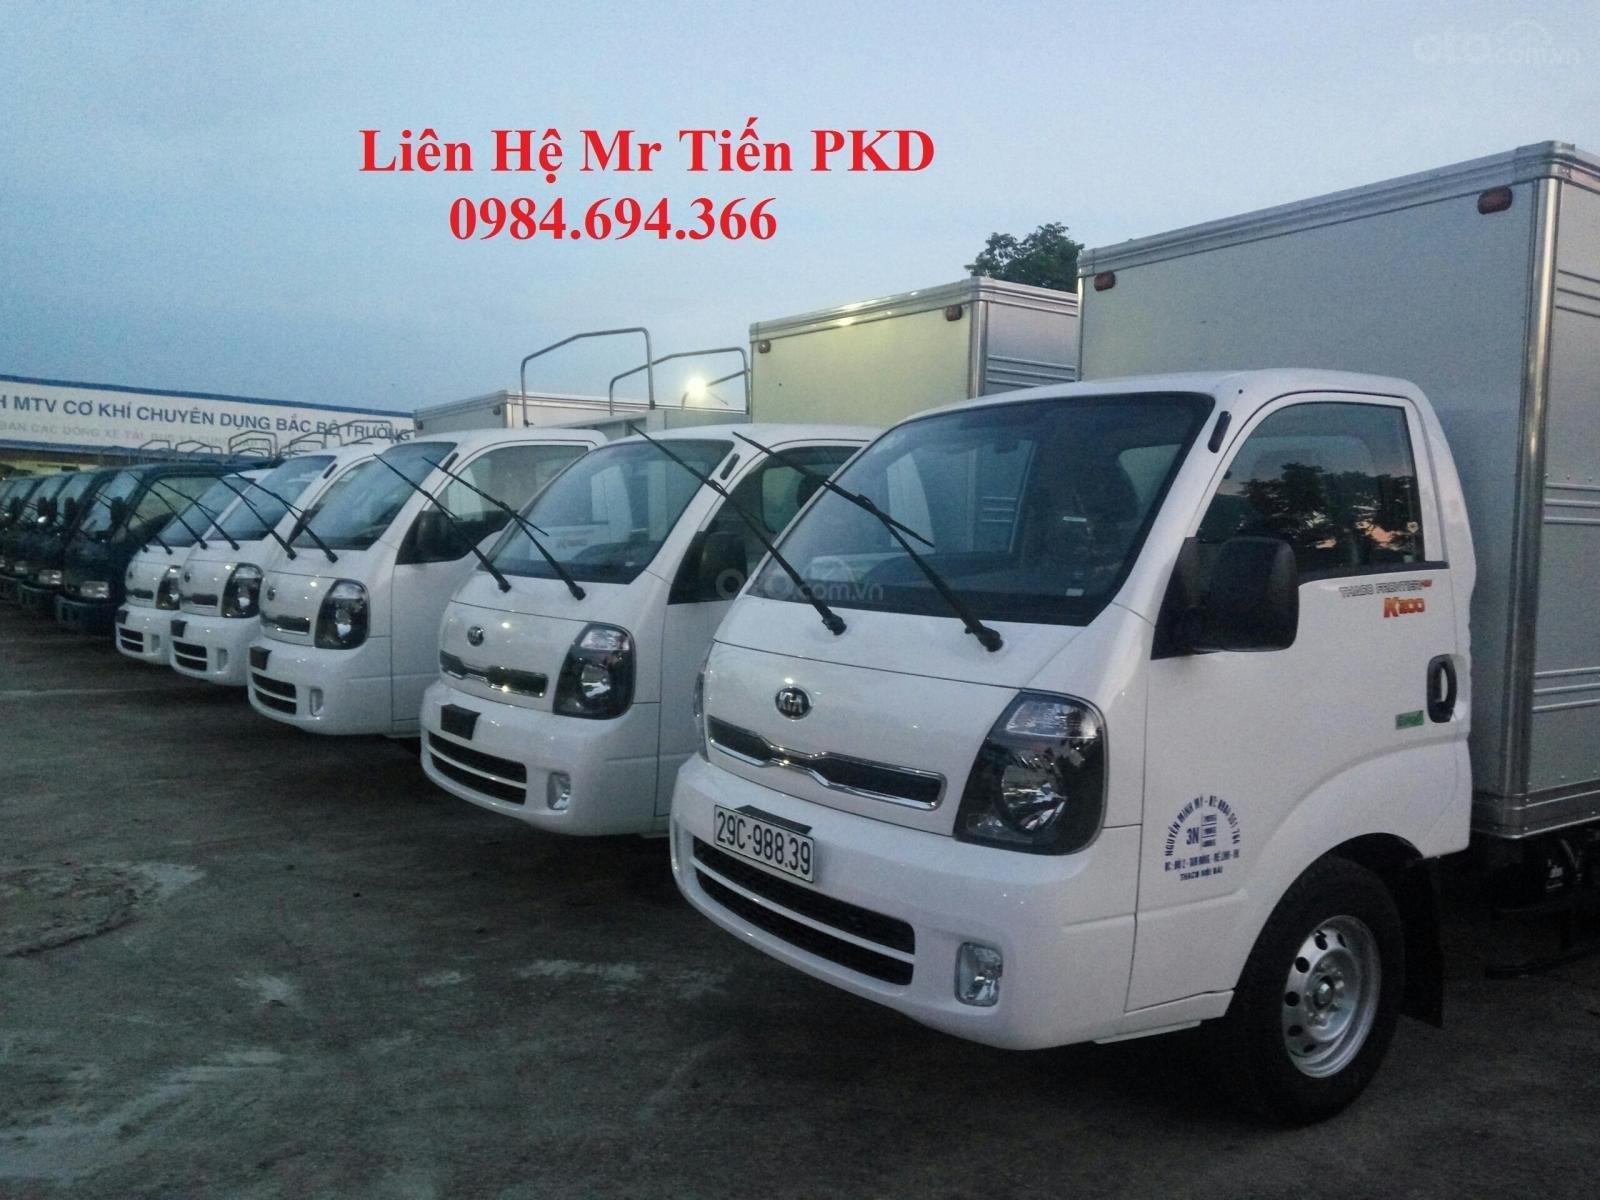 Bán xe tải Kia K250 ABS, tải 2.49 tấn đủ các loại thùng. Liên hệ 0984694366, hỗ trợ trả góp (11)